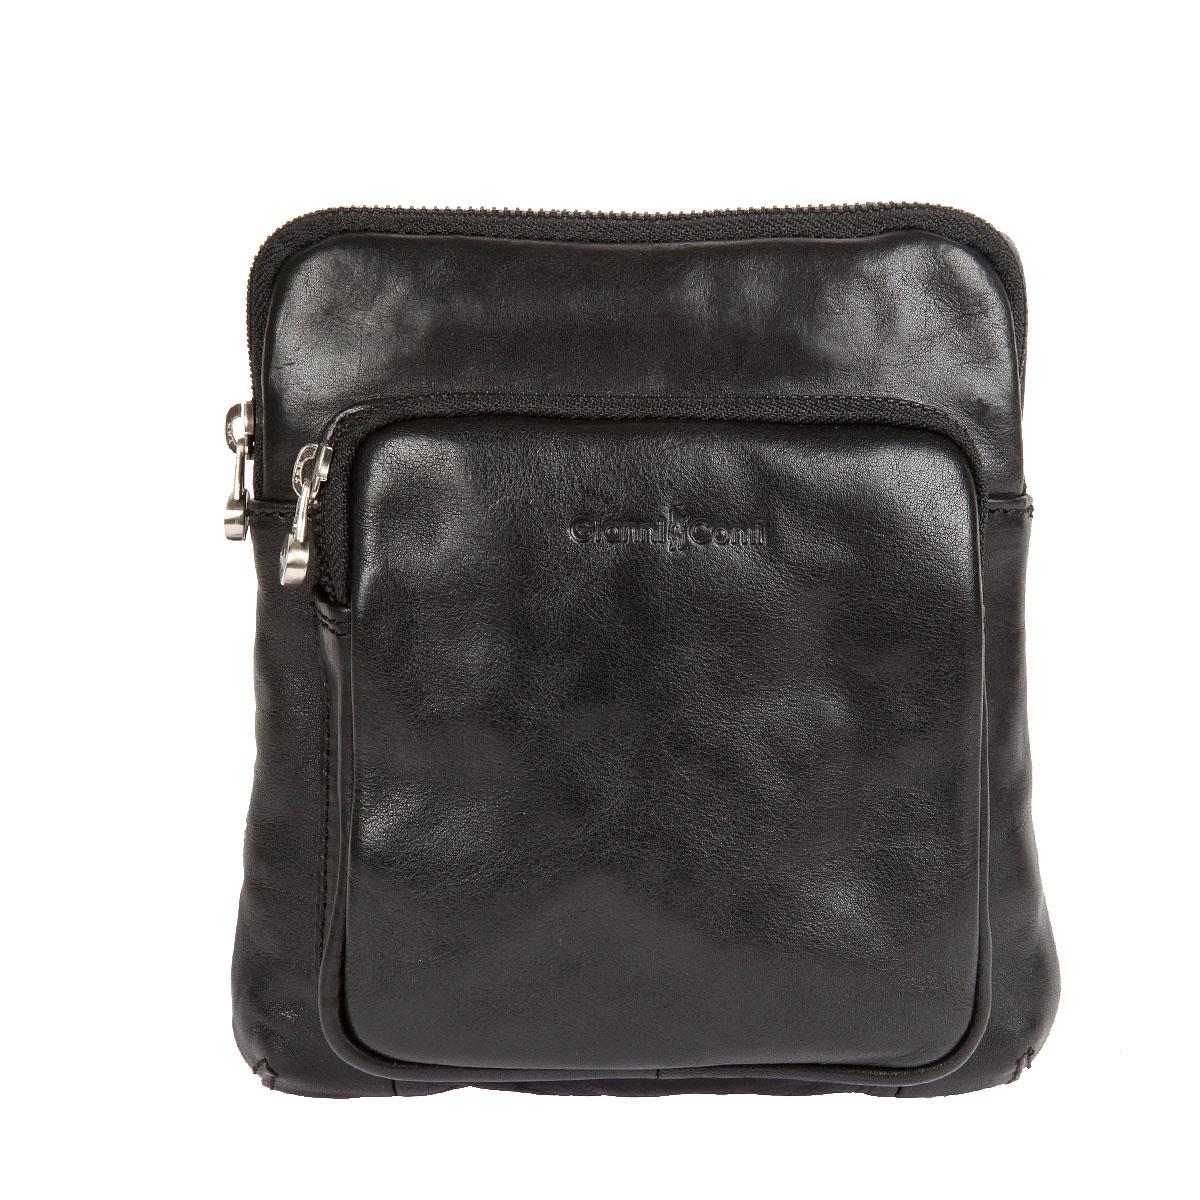 Сумка-планшет мужская Gianni Conti, цвет: черный. 912302912302 blackСтильная мужская сумка-планшет Gianni Conti выполнена из натуральной кожи и оформлена фирменным тиснением. Изделие содержит одно отделение, которое закрывается на застежку-молнию. Внутри изделия находится прорезной карман на застежке-молнии, накладной открытый карман и держатель для авторучки. Снаружи, на передней стенке расположен накладной карман на застежке-молнии. На задней стенке предусмотрен накладной карман на магнитной кнопке. Сумка оснащена плечевым ремнем, регулируемой длины. В комплект входит фирменный чехол. Практичная сумка-планшет станет стильным аксессуаром, идеально подходящим вашему образу.